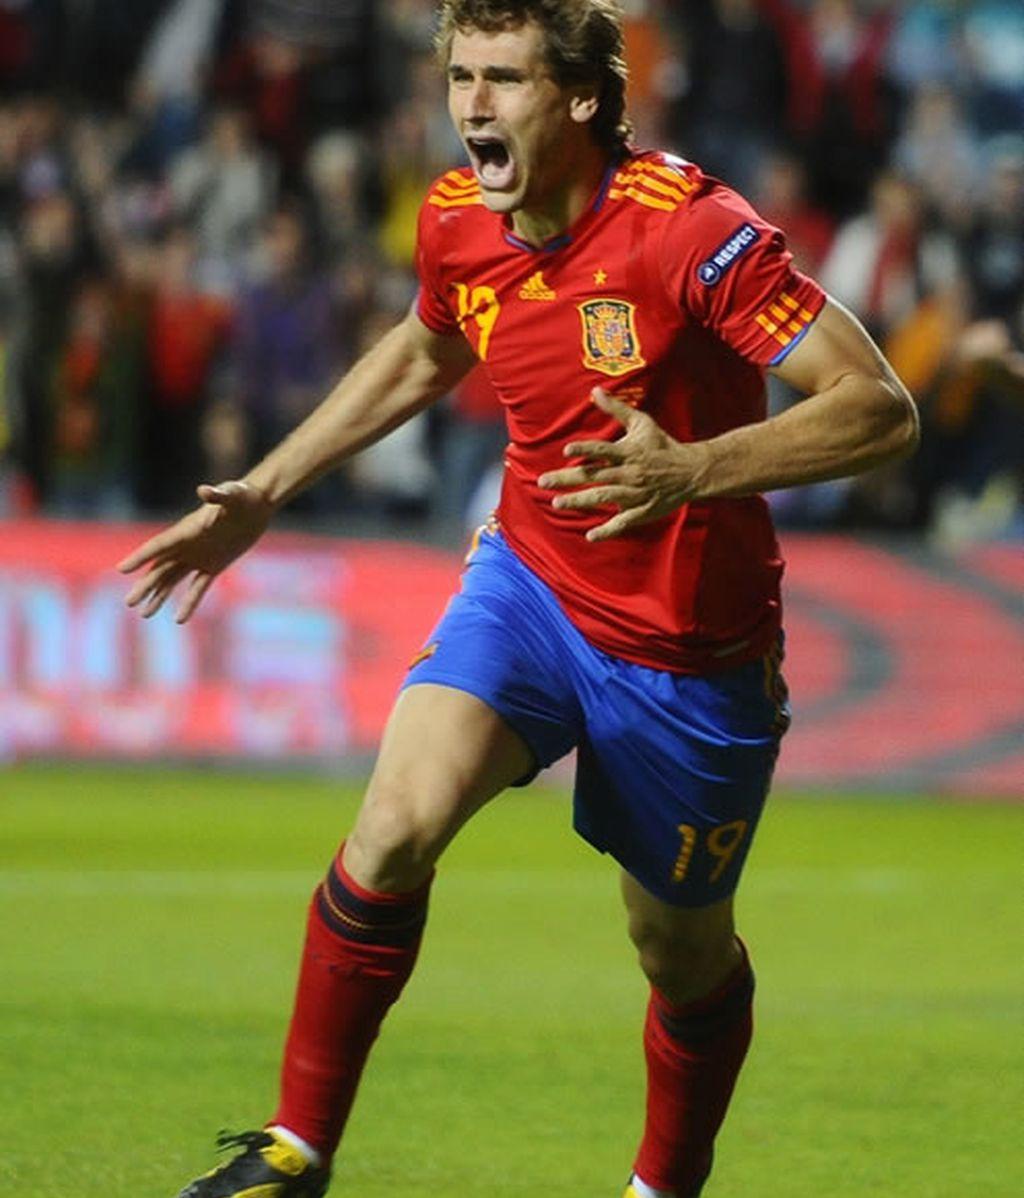 El Madrid se interesa por Llorente